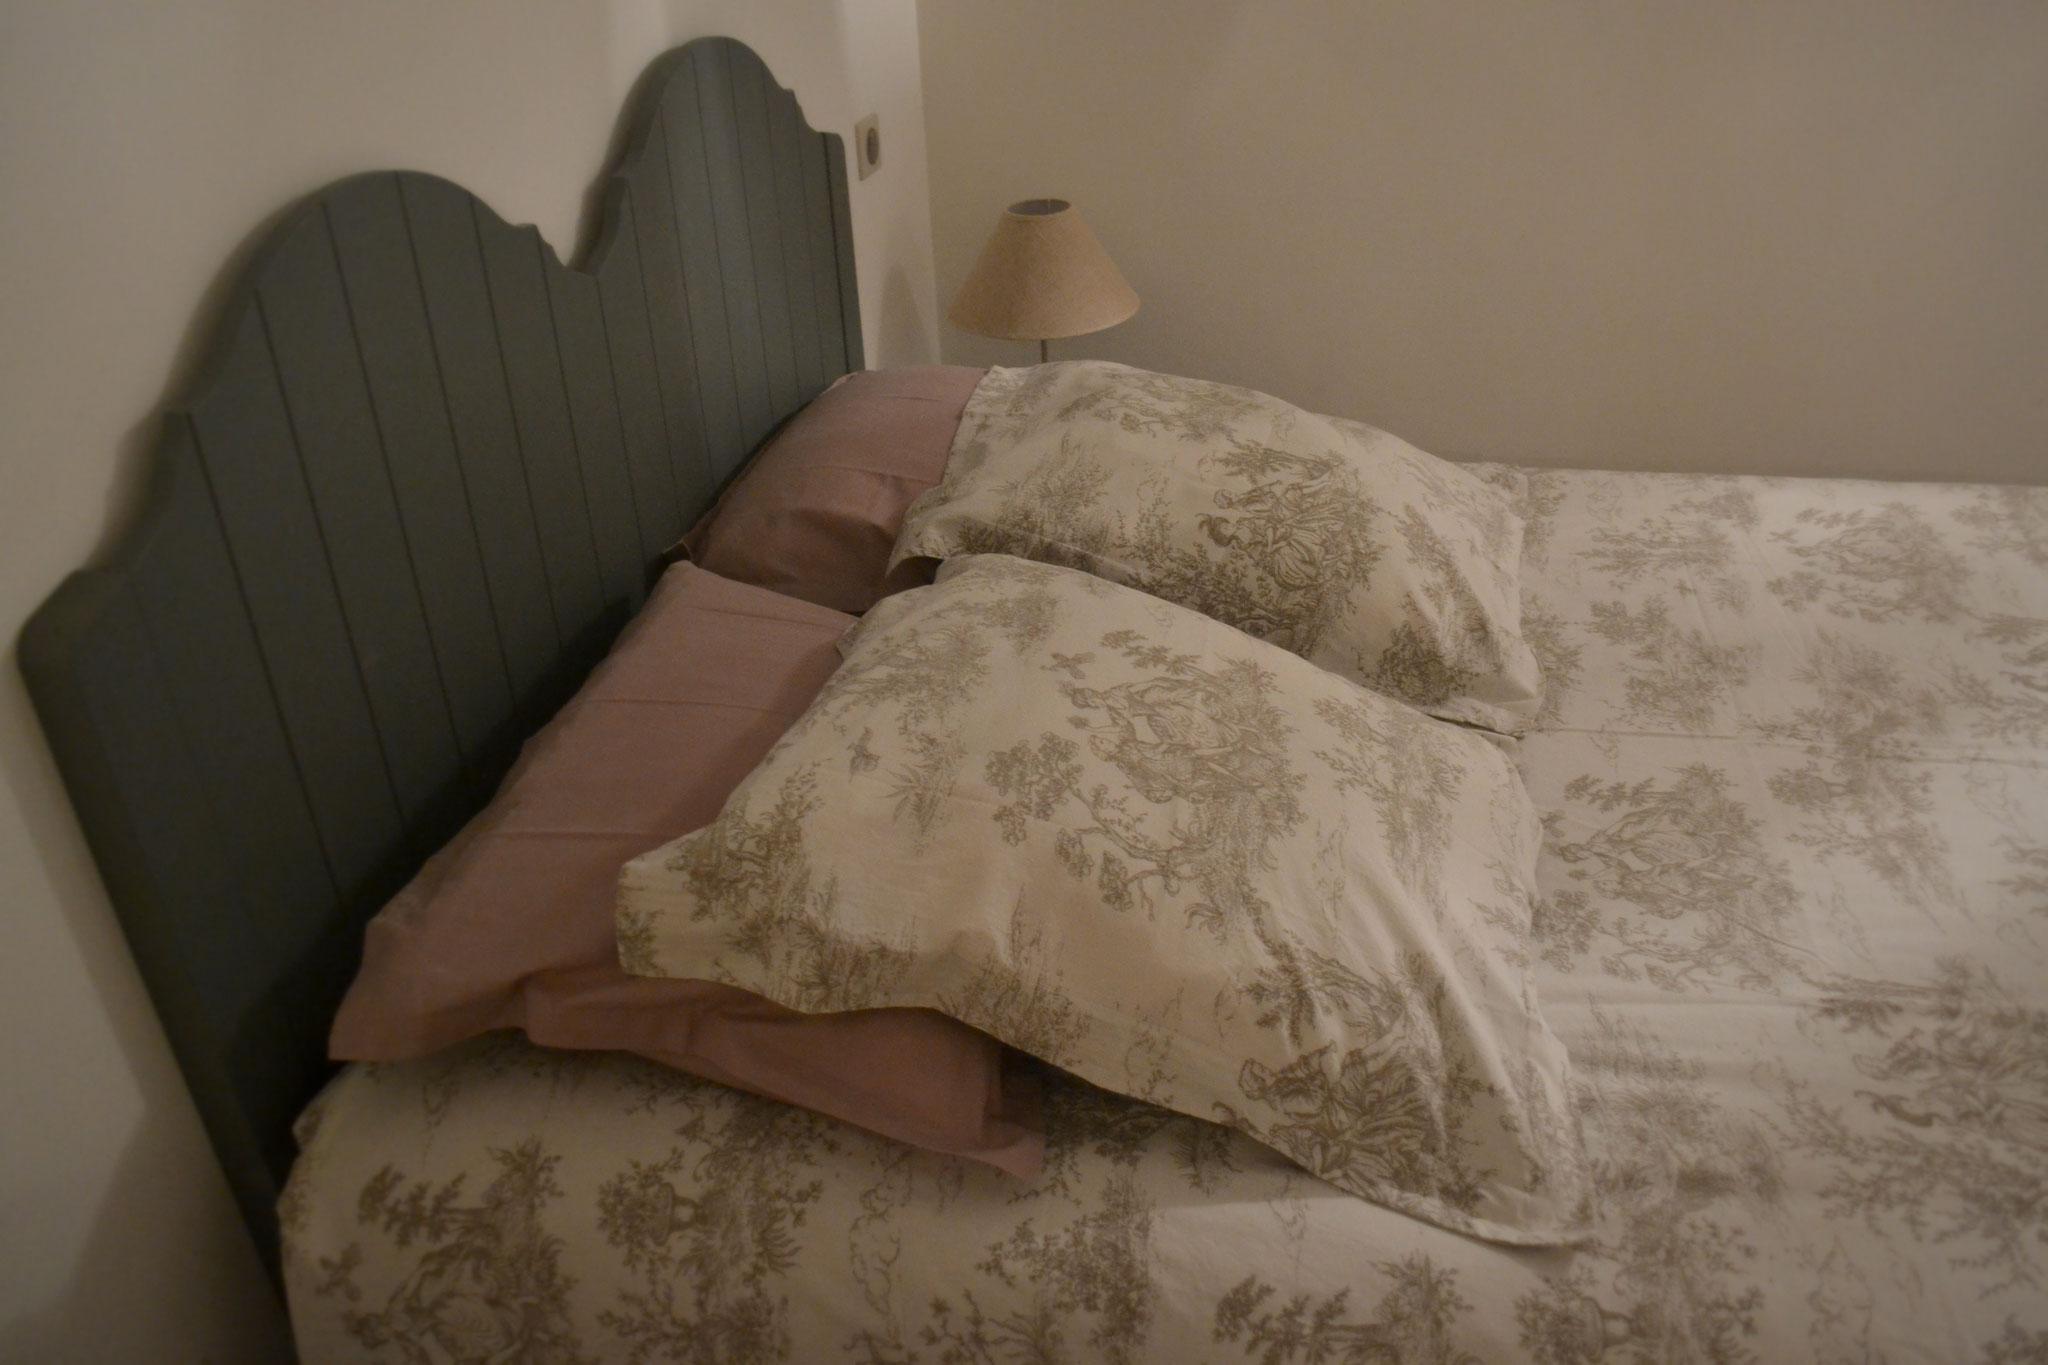 Etage Chambre 2 - lit double 140*190 cm et lit bébé - rangement et armoire -  Gîte La Grange  - Gites du Maréchat à Cabariot